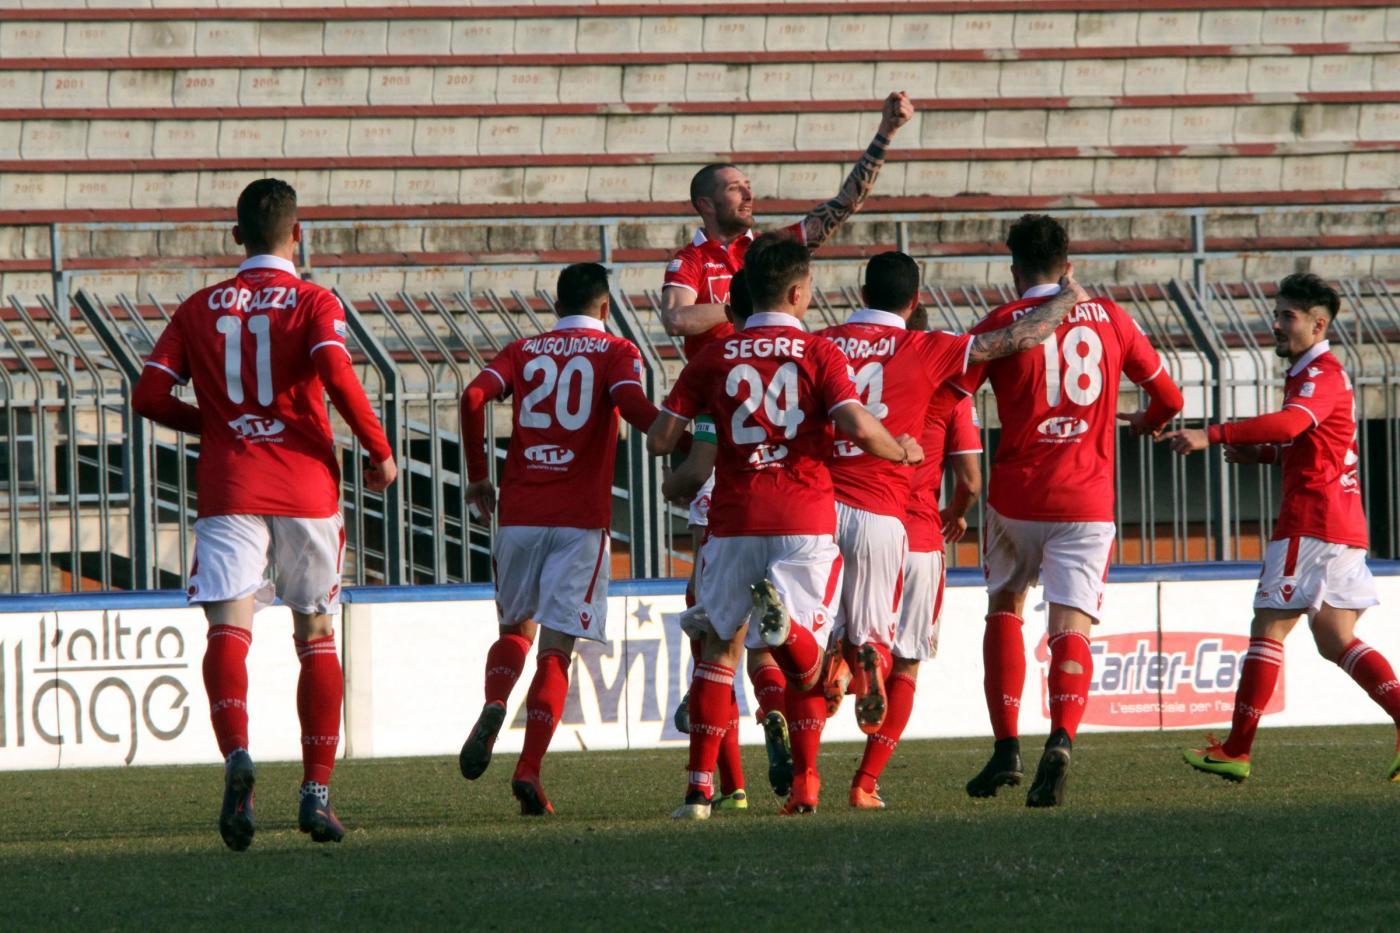 Serie C, Albissola-Piacenza 14 ottobre: analisi e pronostico della giornata della terza divisione calcistica italiana